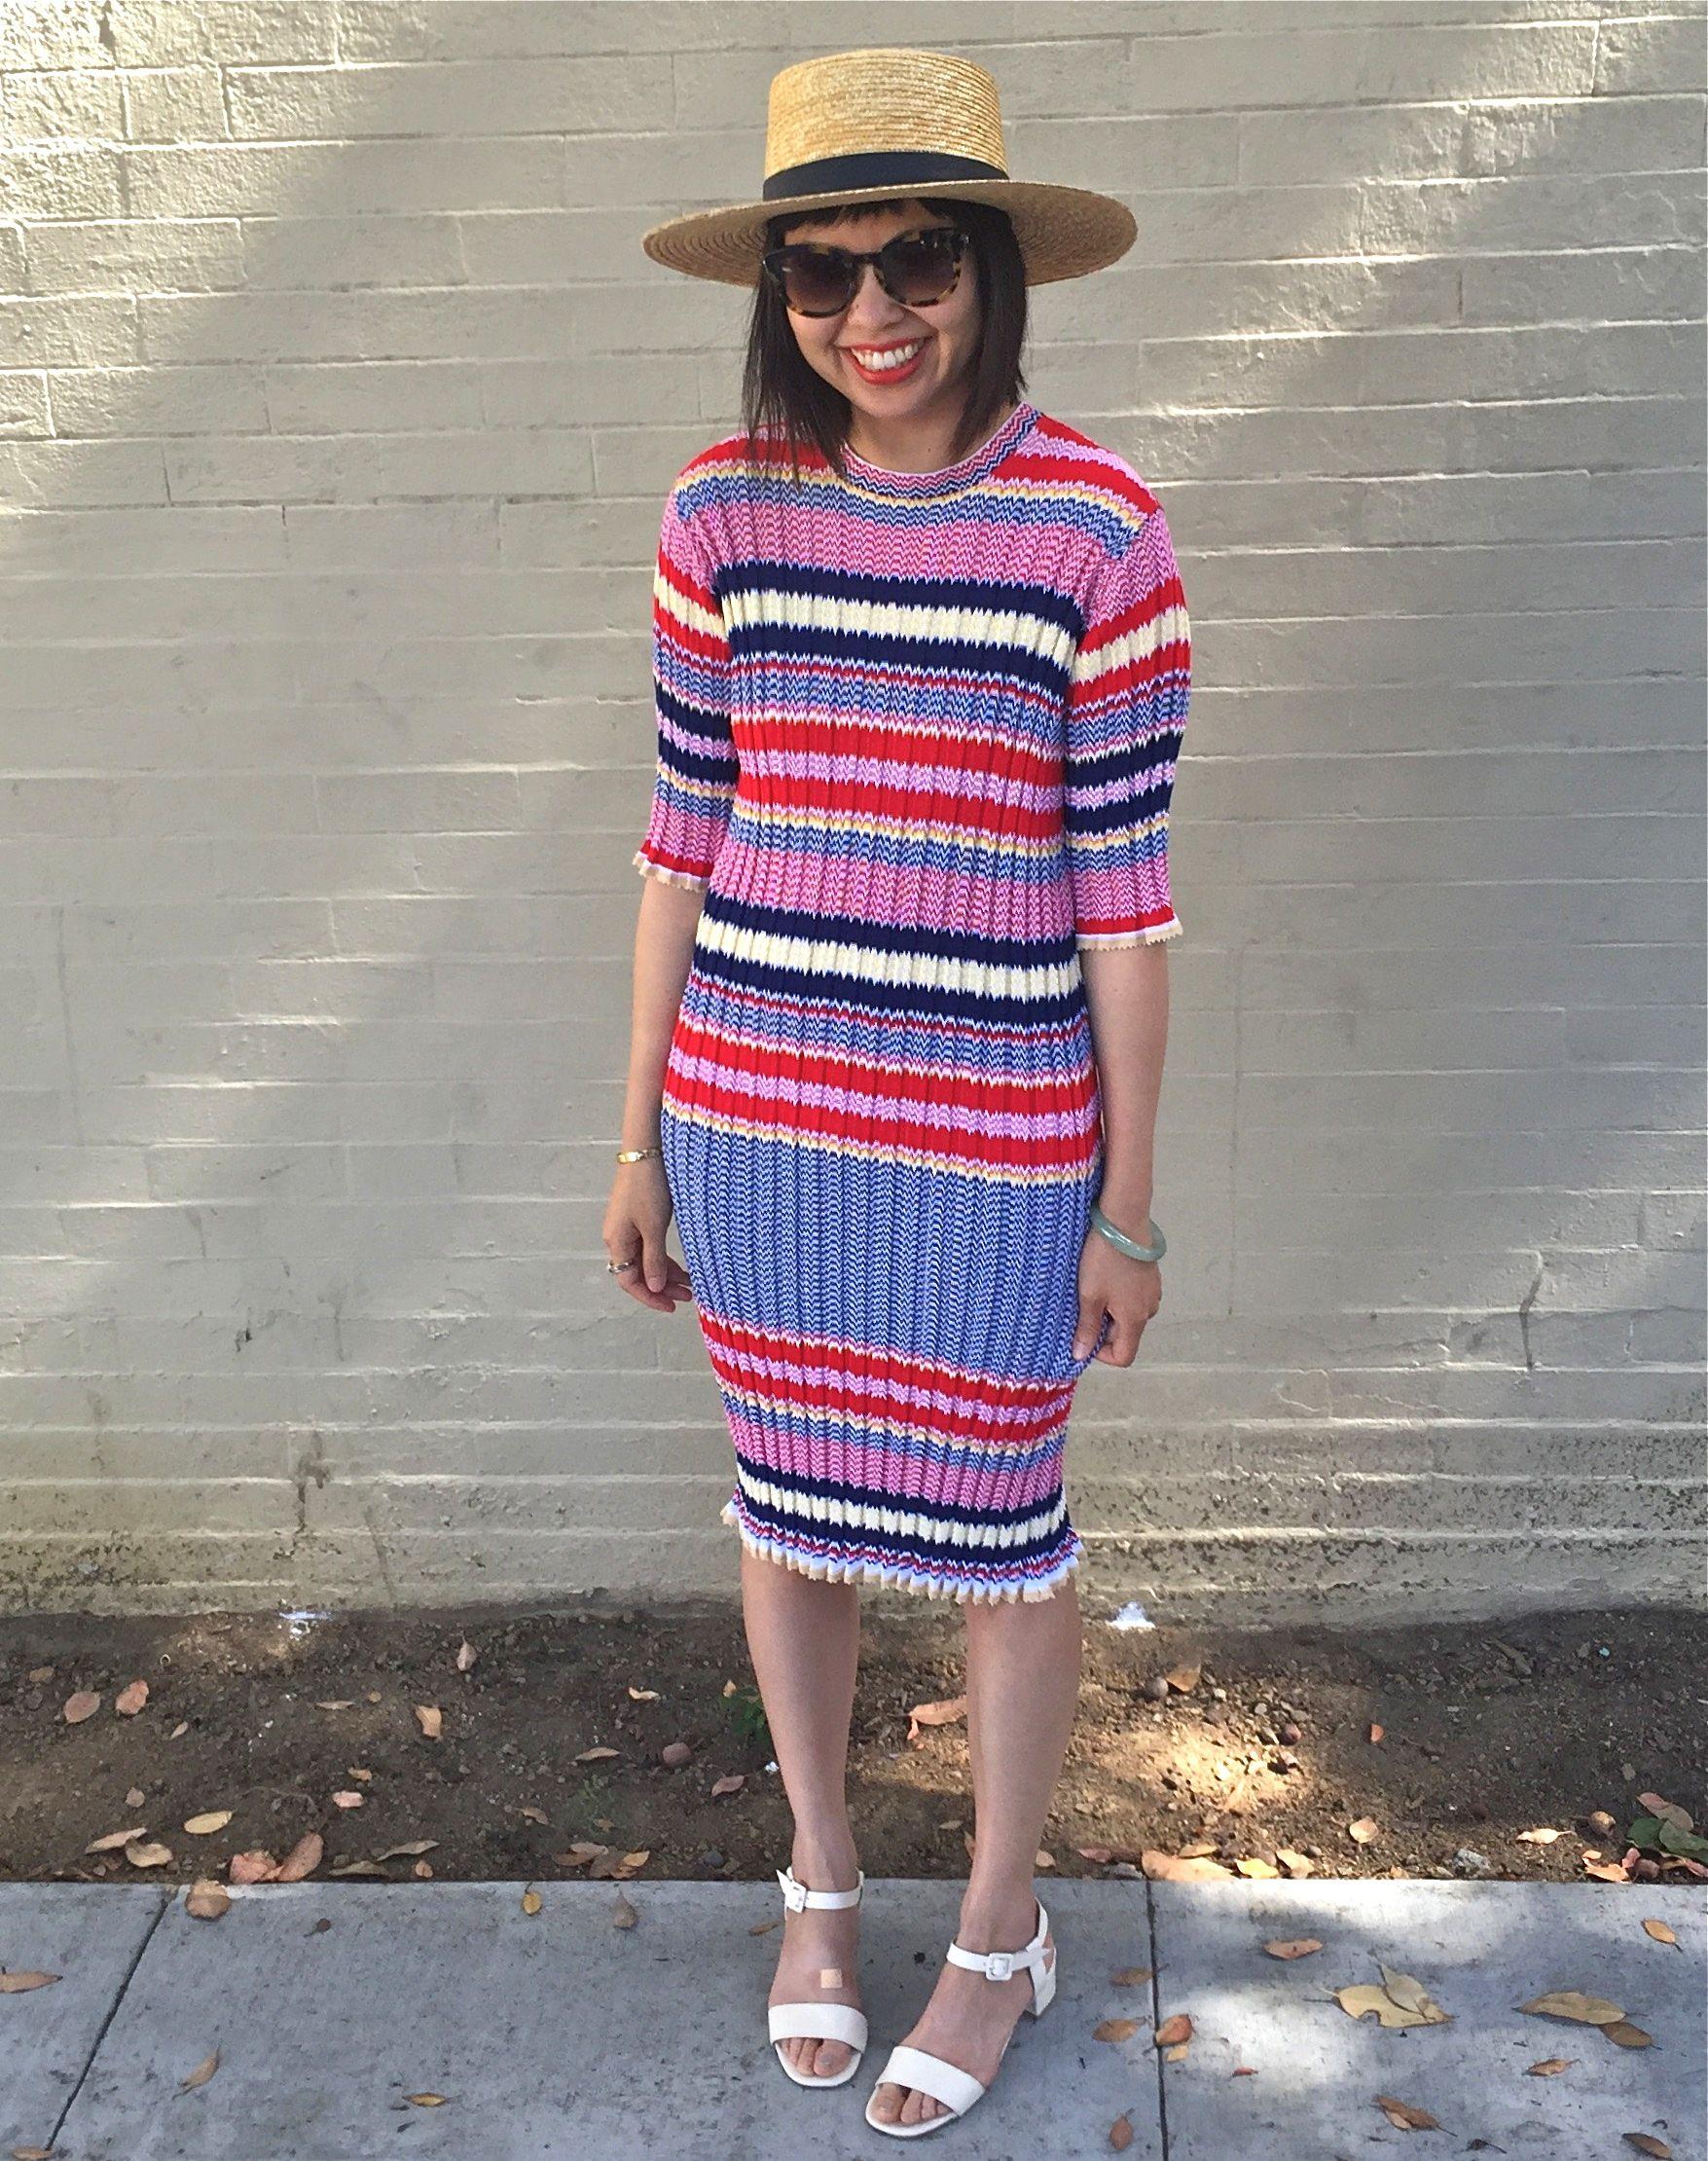 Celine Striped Jacquard Knit Dress Knit Dress Striped Knit Dress Striped Knit [ 2220 x 1755 Pixel ]